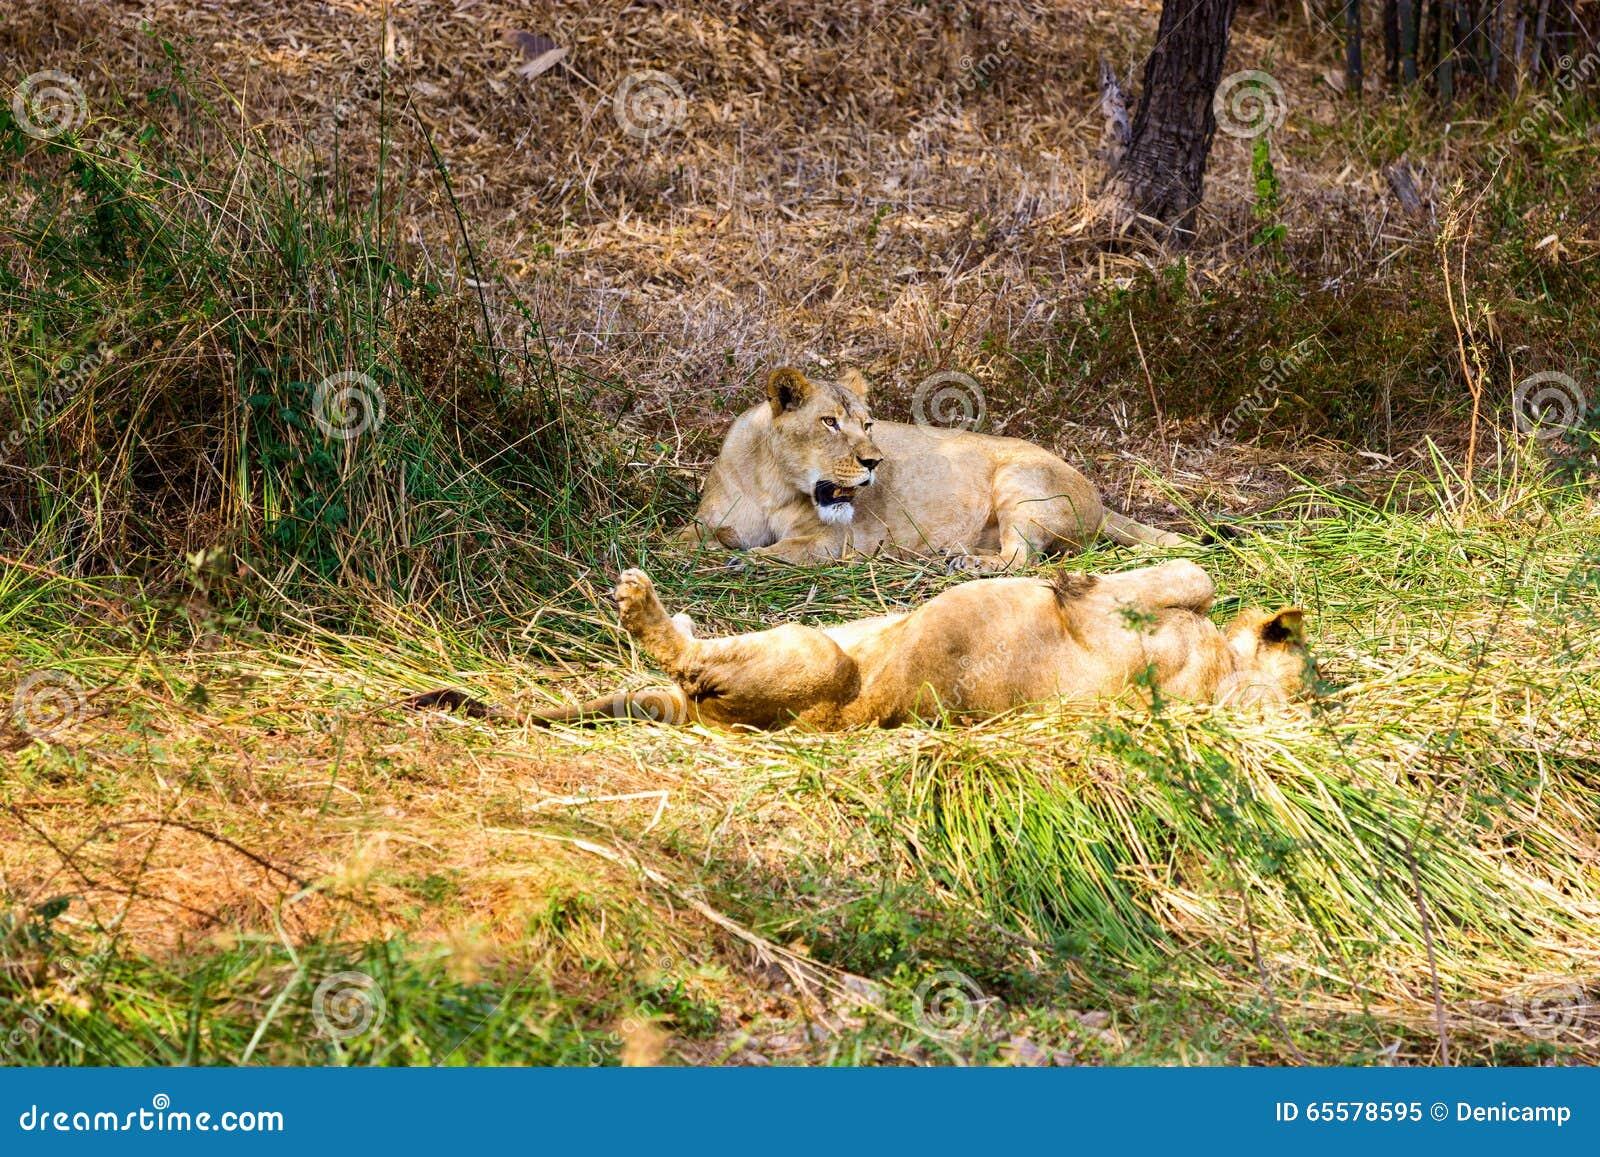 O muito raro e espécie em vias de extinção de leão asiático